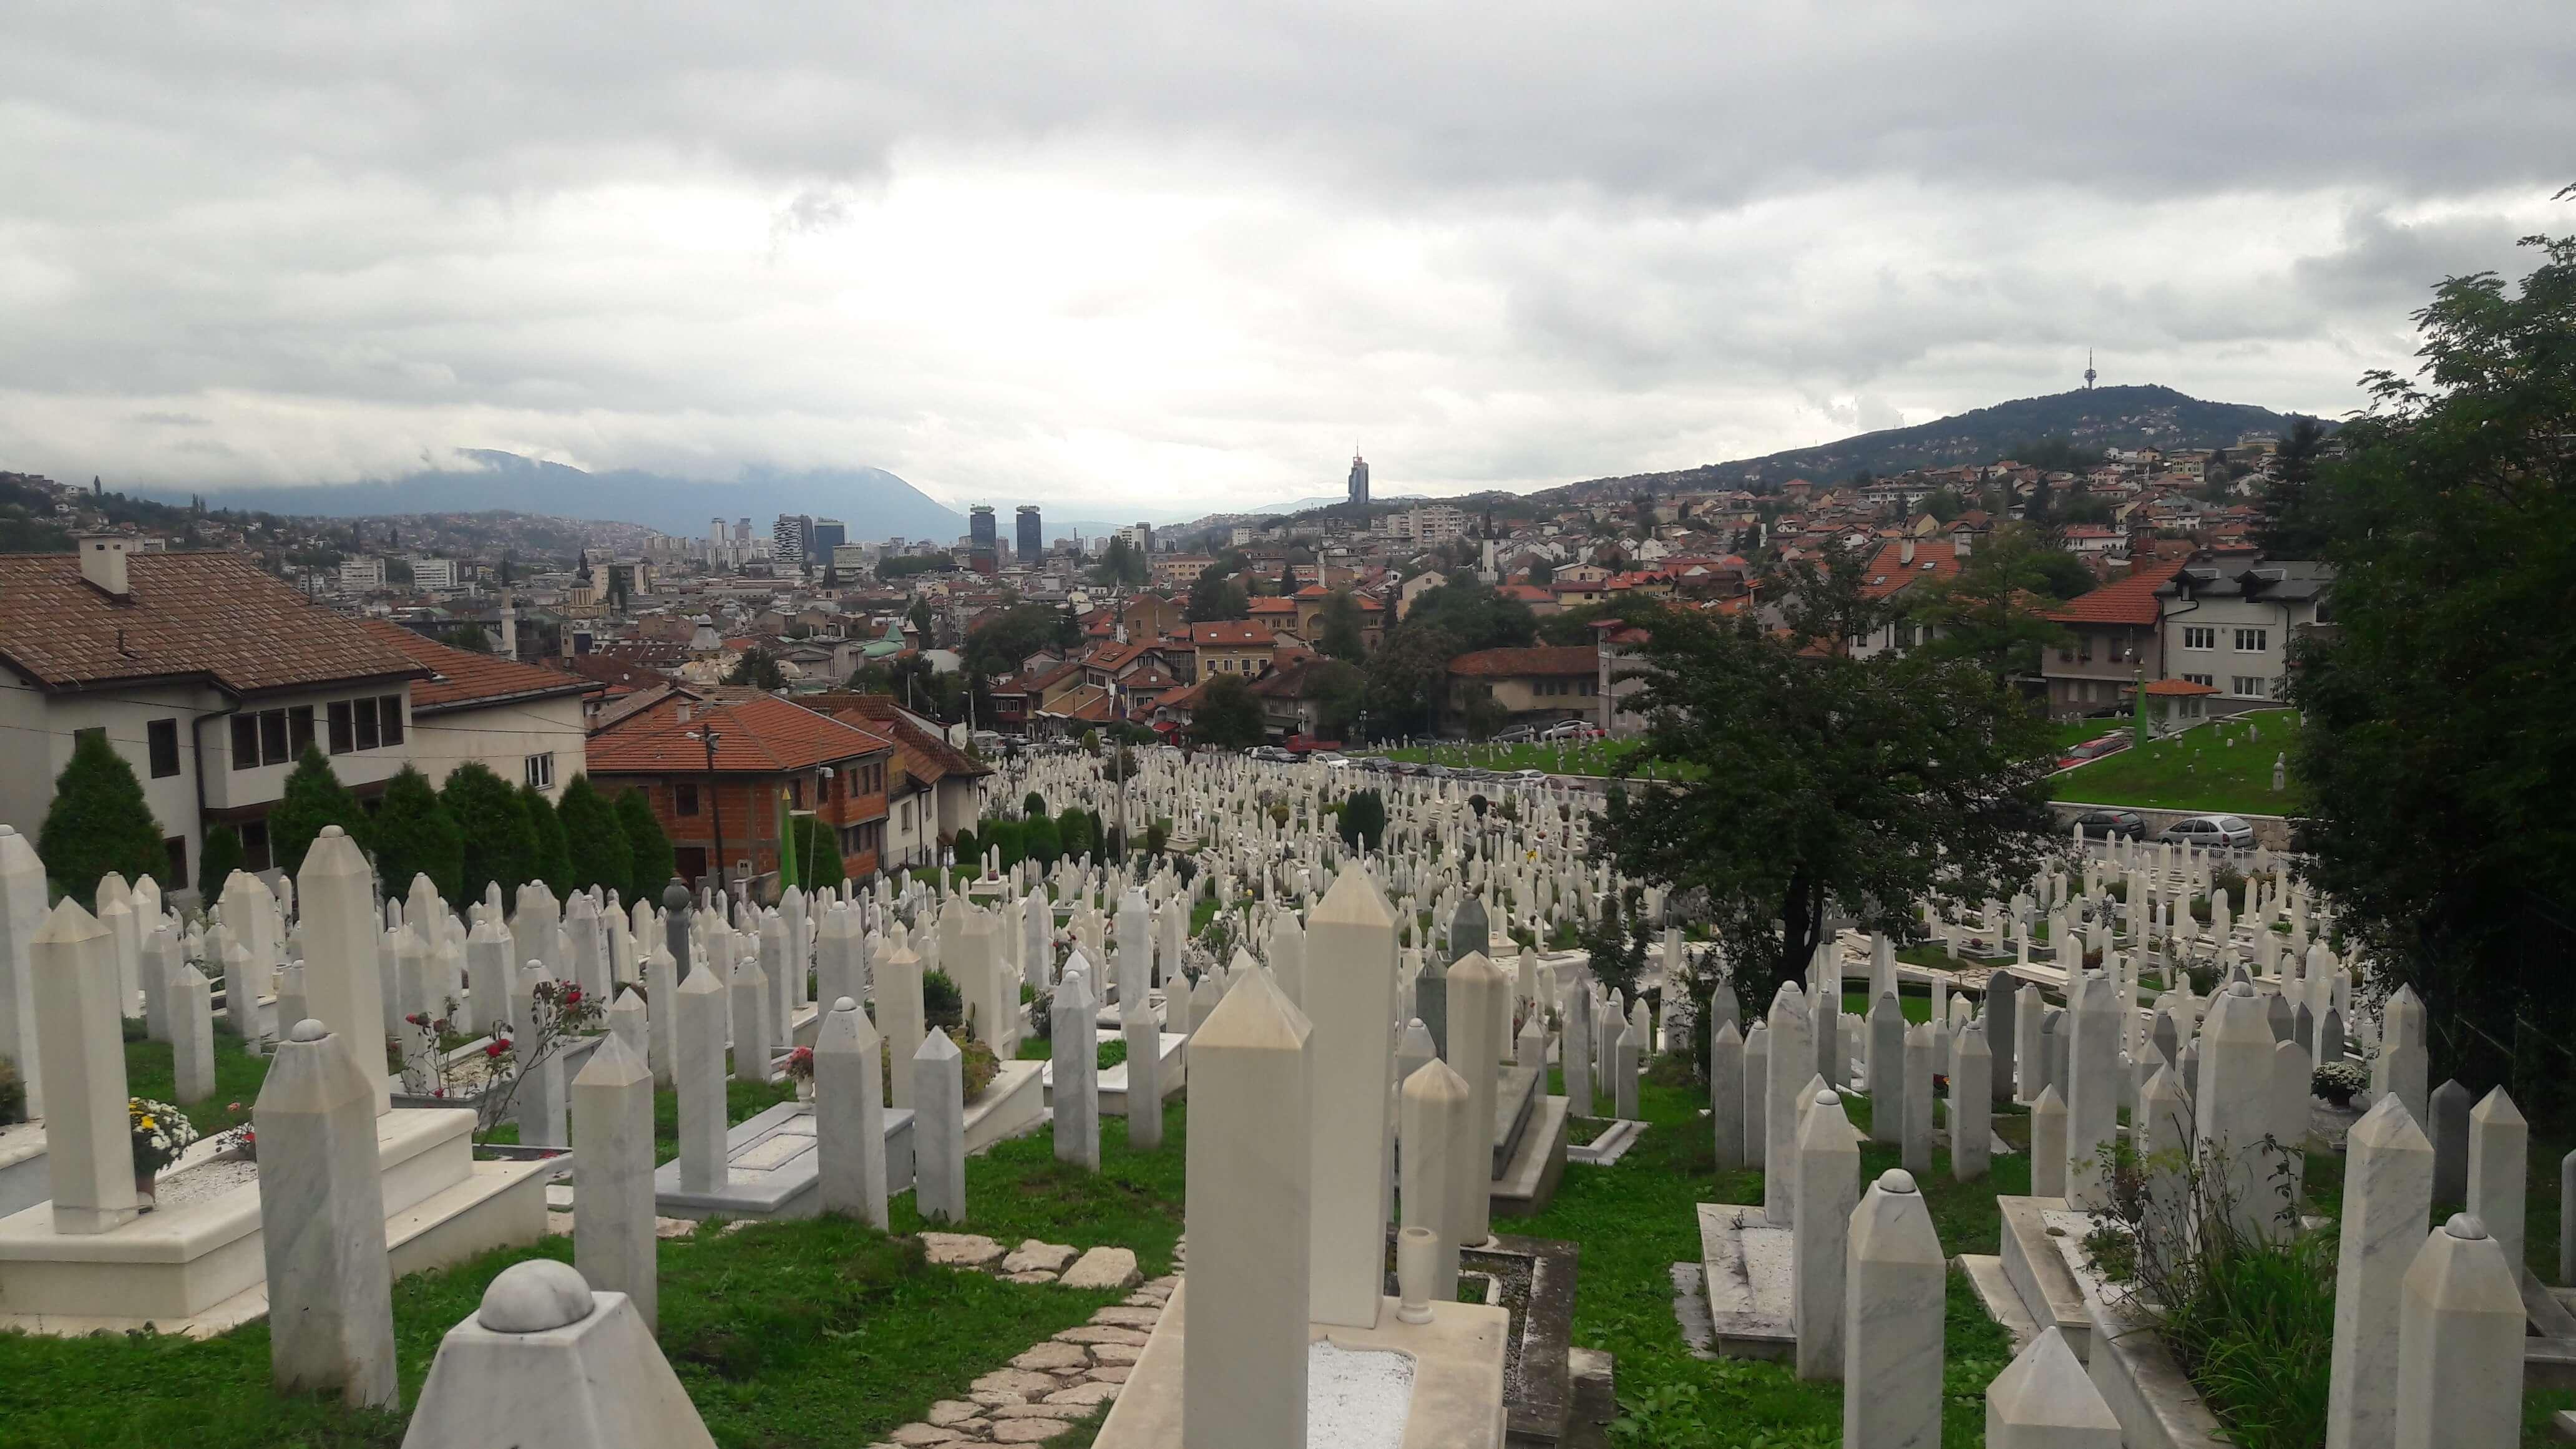 Os cemitérios estão por toda parte em Sarajevo